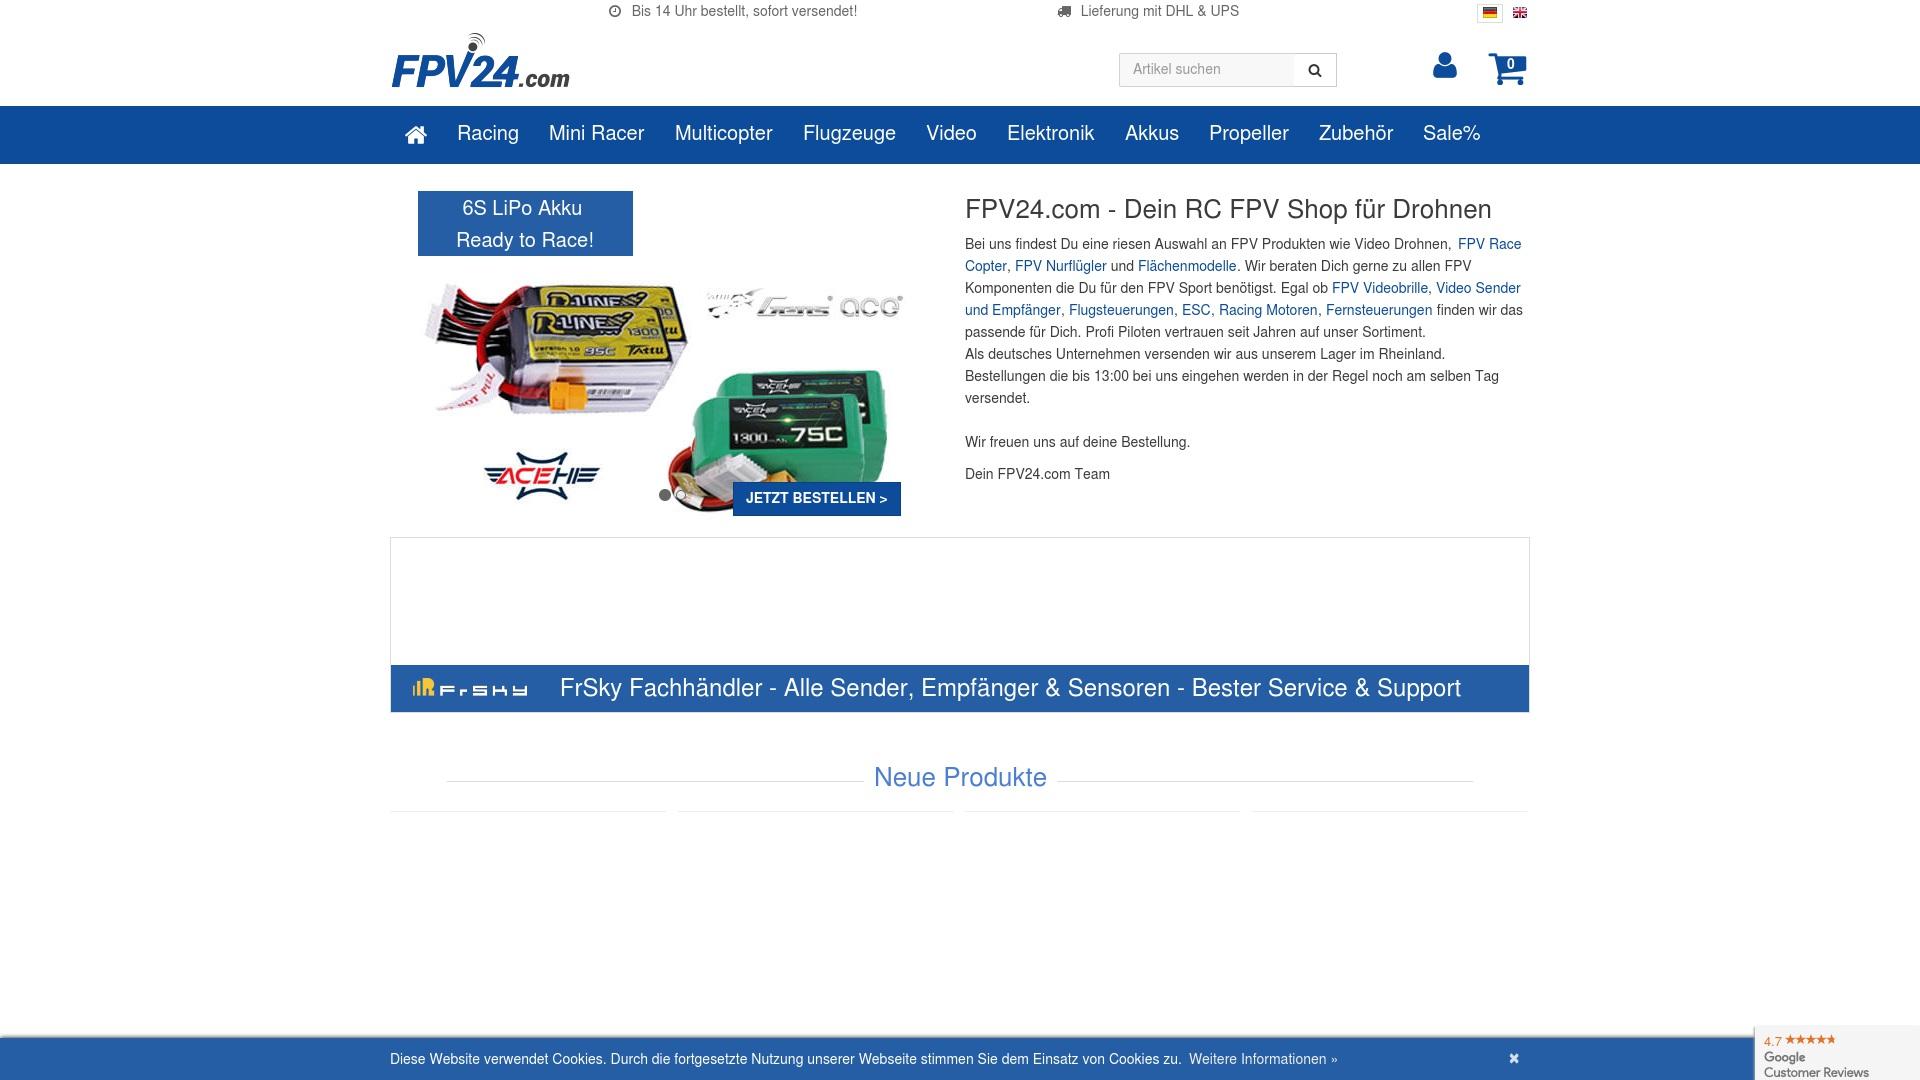 Gutschein für Fpv24: Rabatte für  Fpv24 sichern